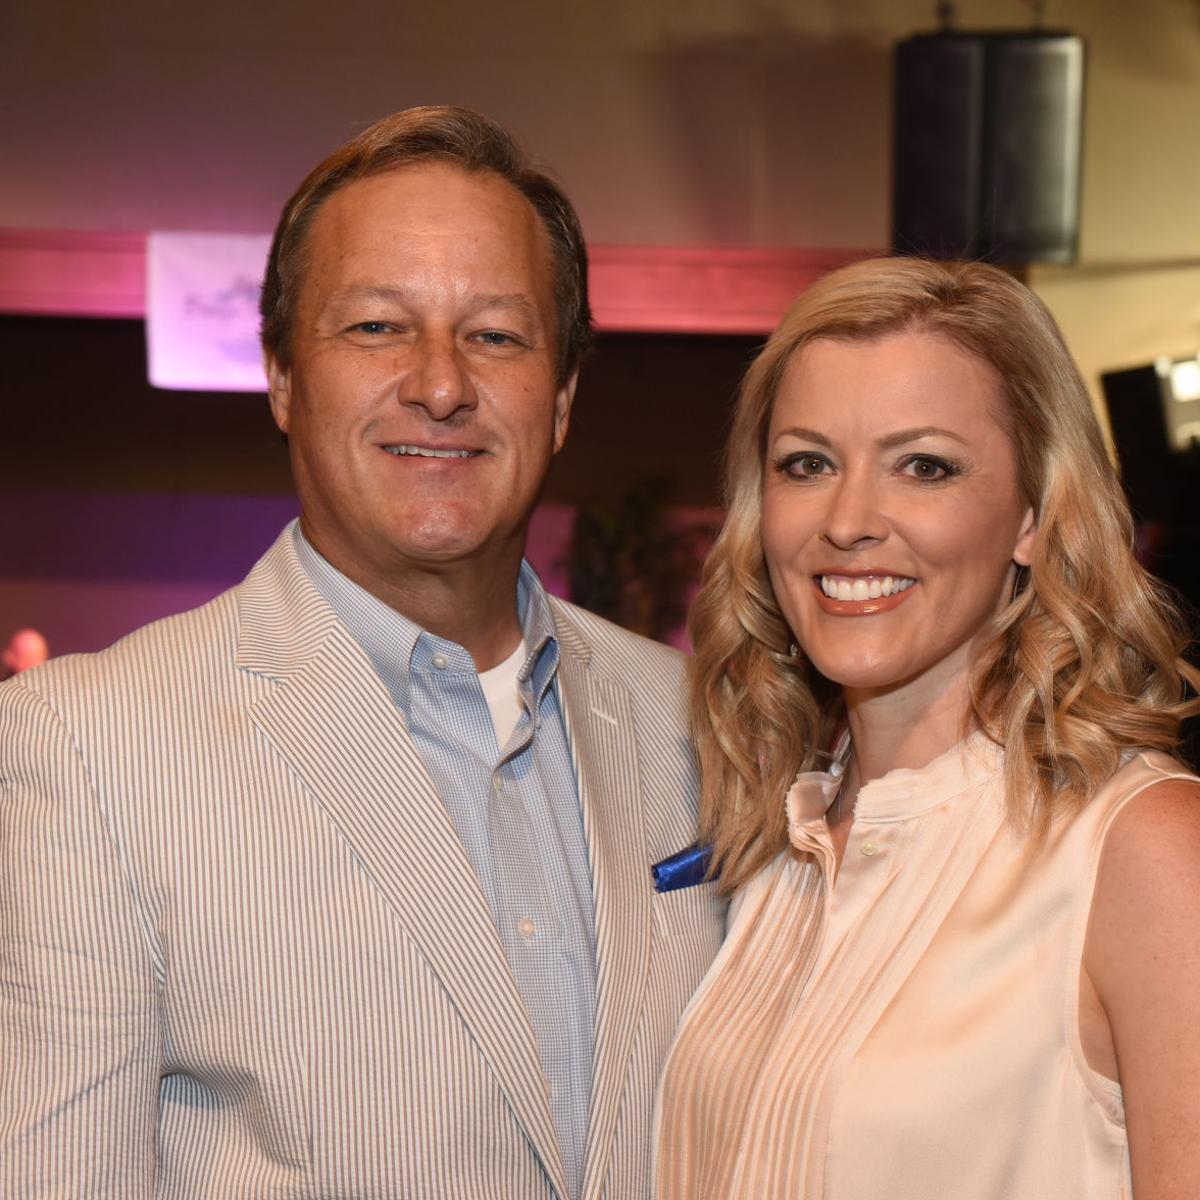 WWL-TV anchor Natalie Shepherd leaving New Orleans for Milwaukee